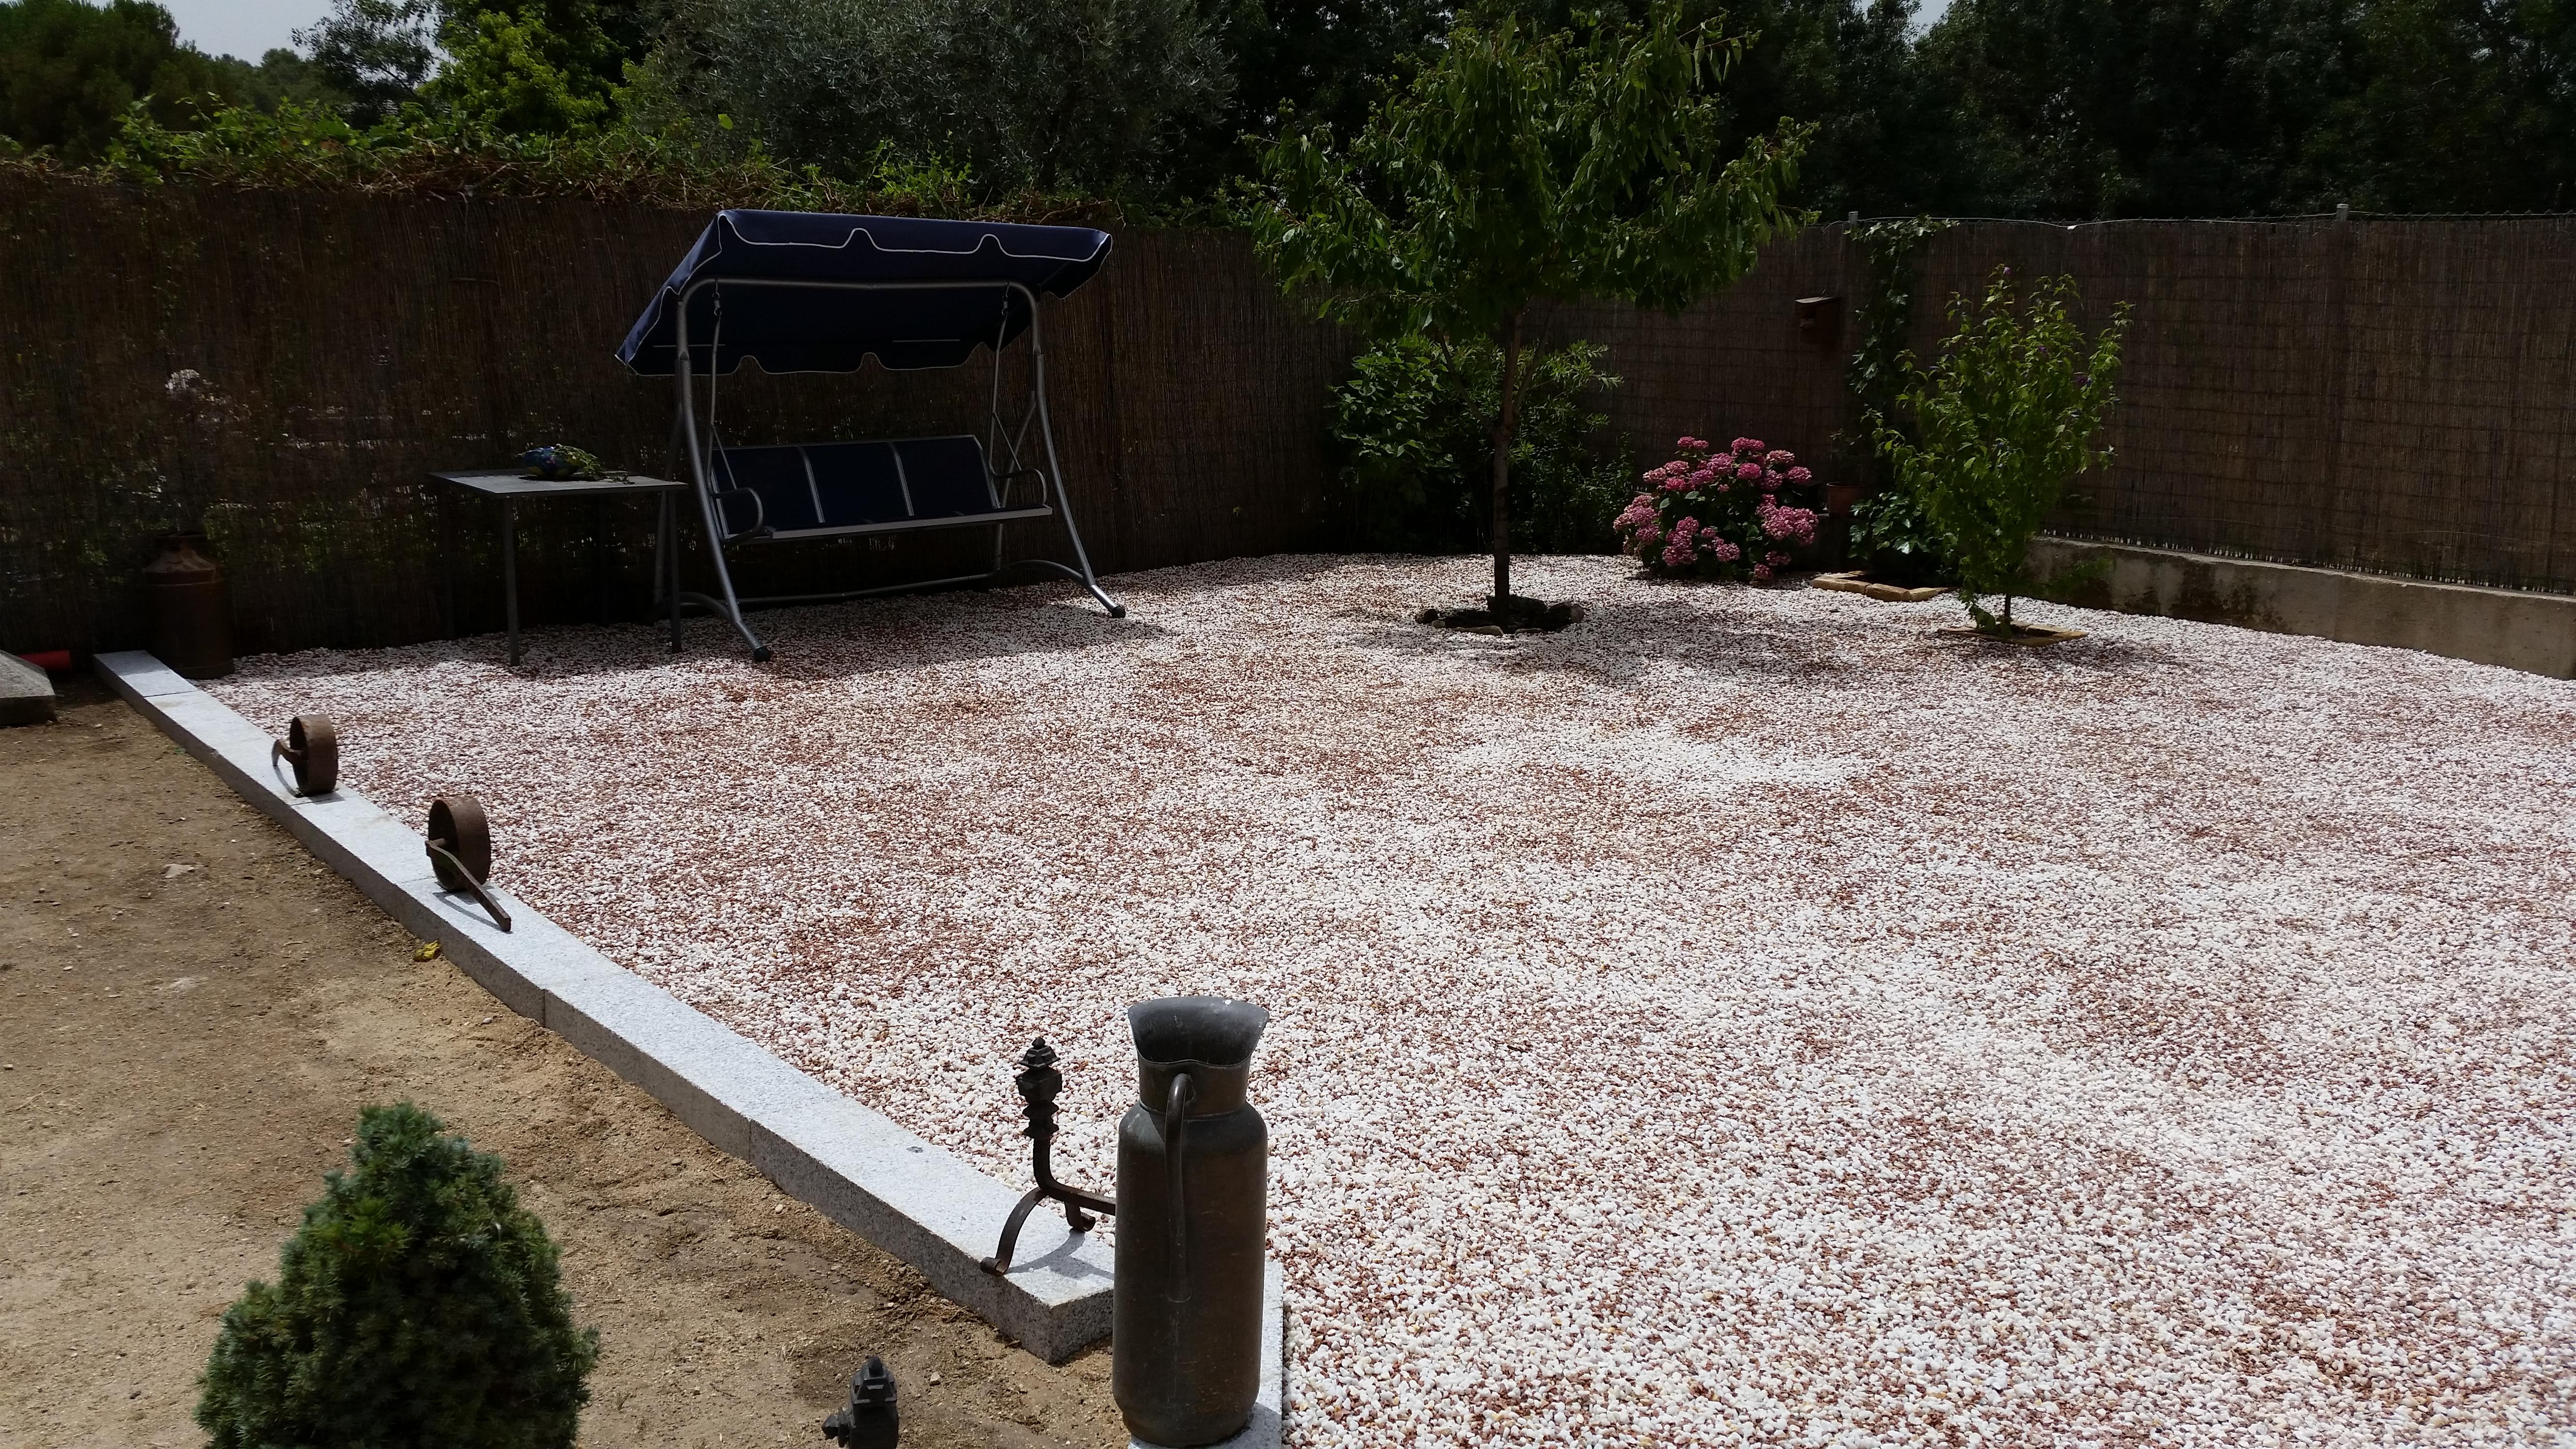 Jard n de bajo mantenimiento borjardin for Jardines de bajo mantenimiento